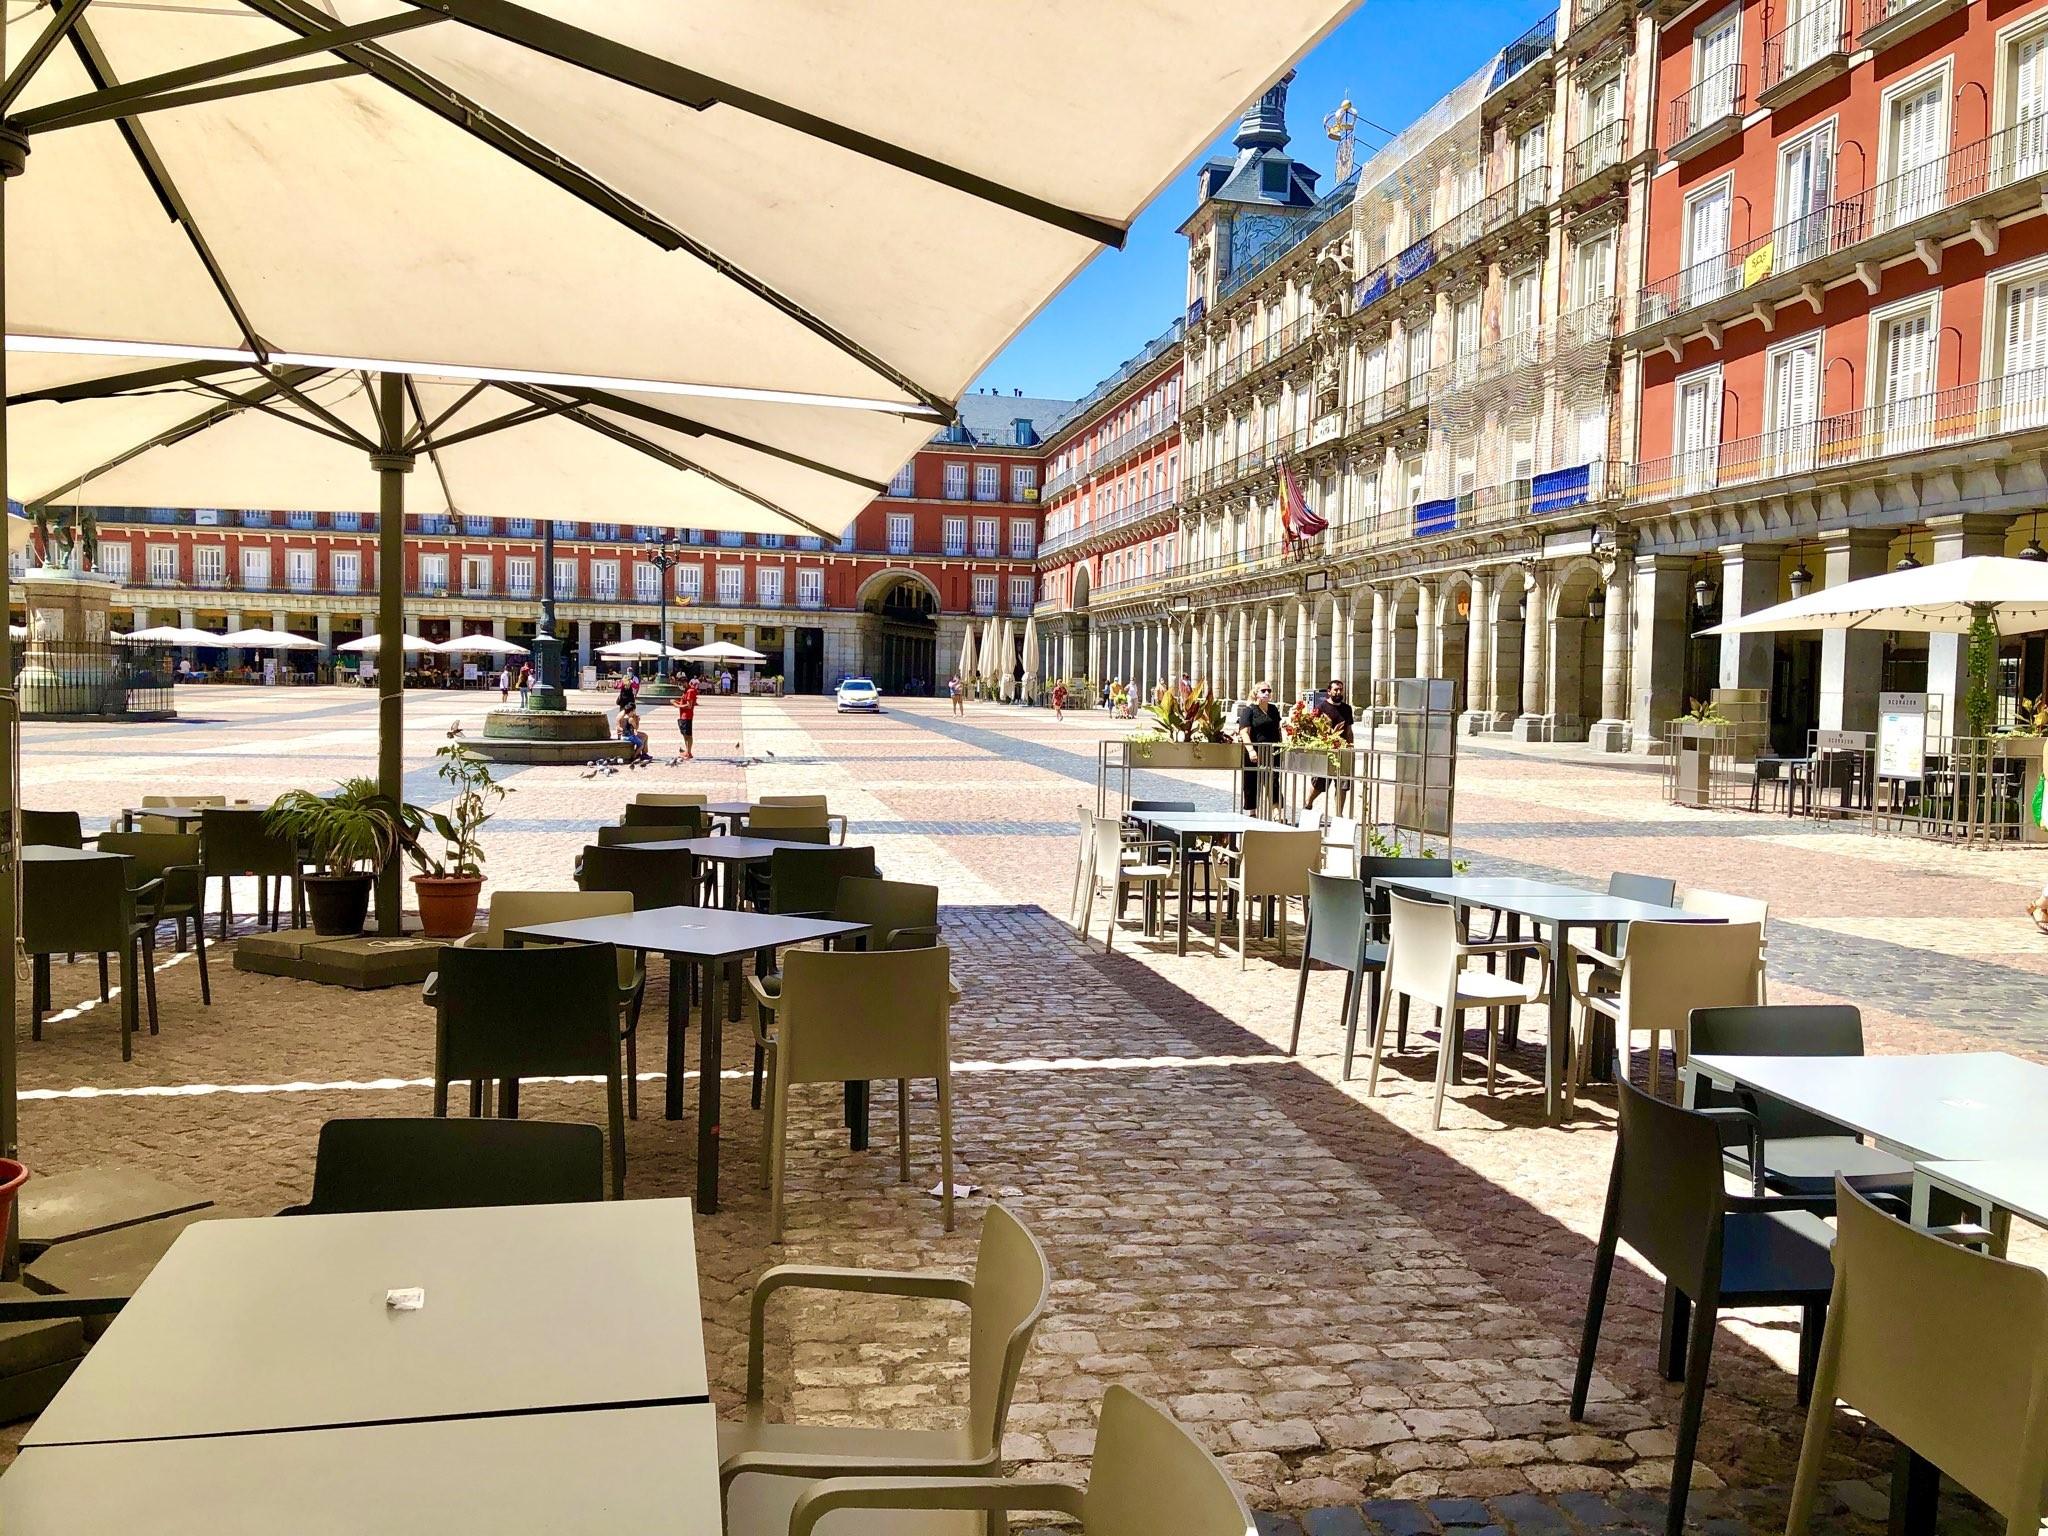 Myös Madridin Plaza Mayor -aukion ravintolat ovat kärsineet turistikadosta. Kuva: Tiina Jortikka-Laitinen